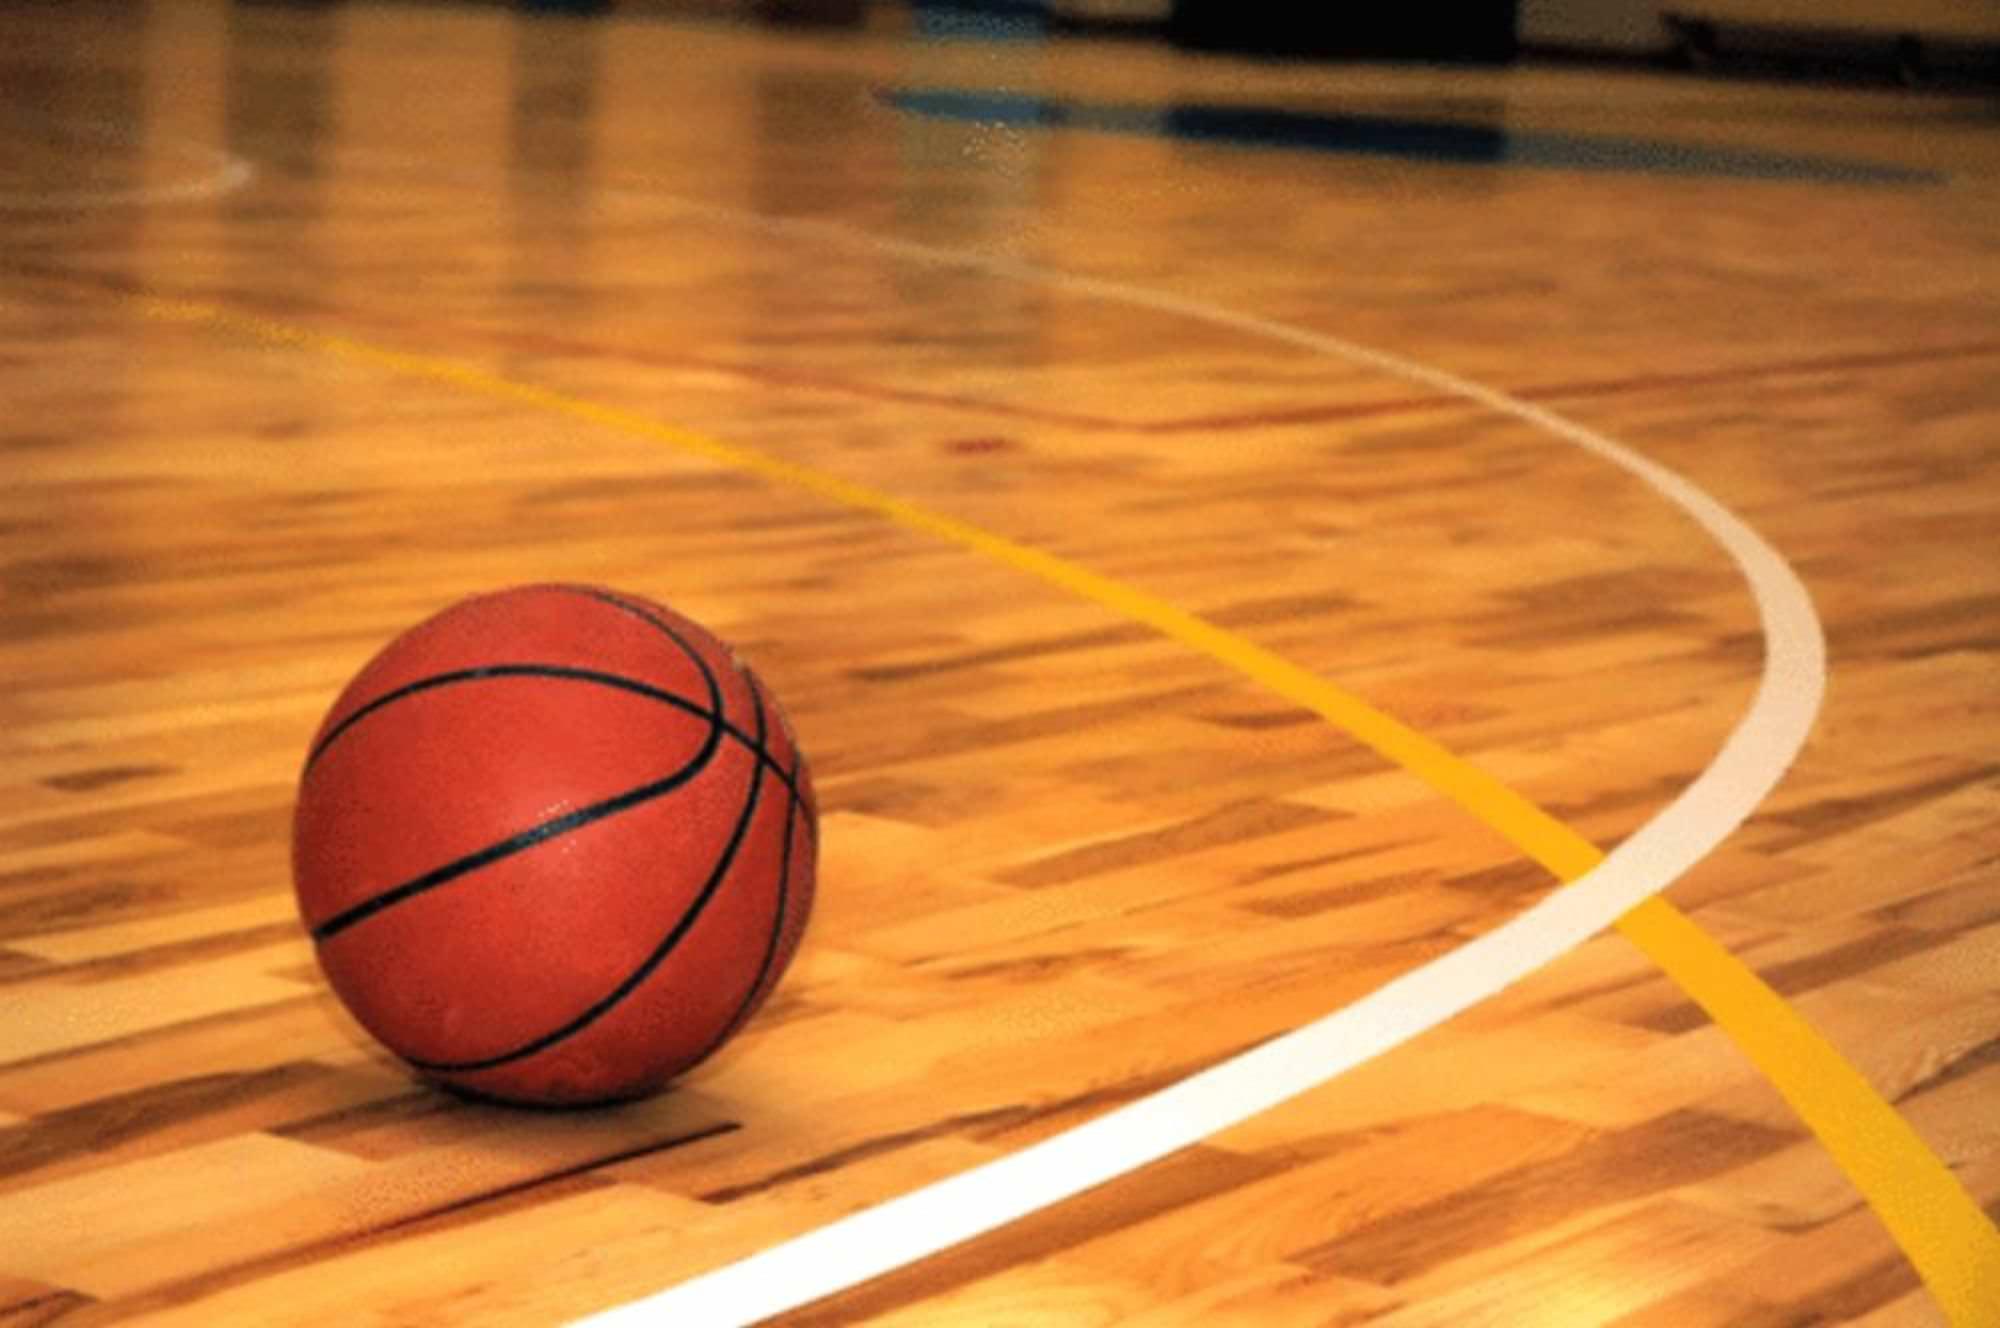 Tre giocatori siciliani di basket positivi: contagi accertati dopo controlli pre gara